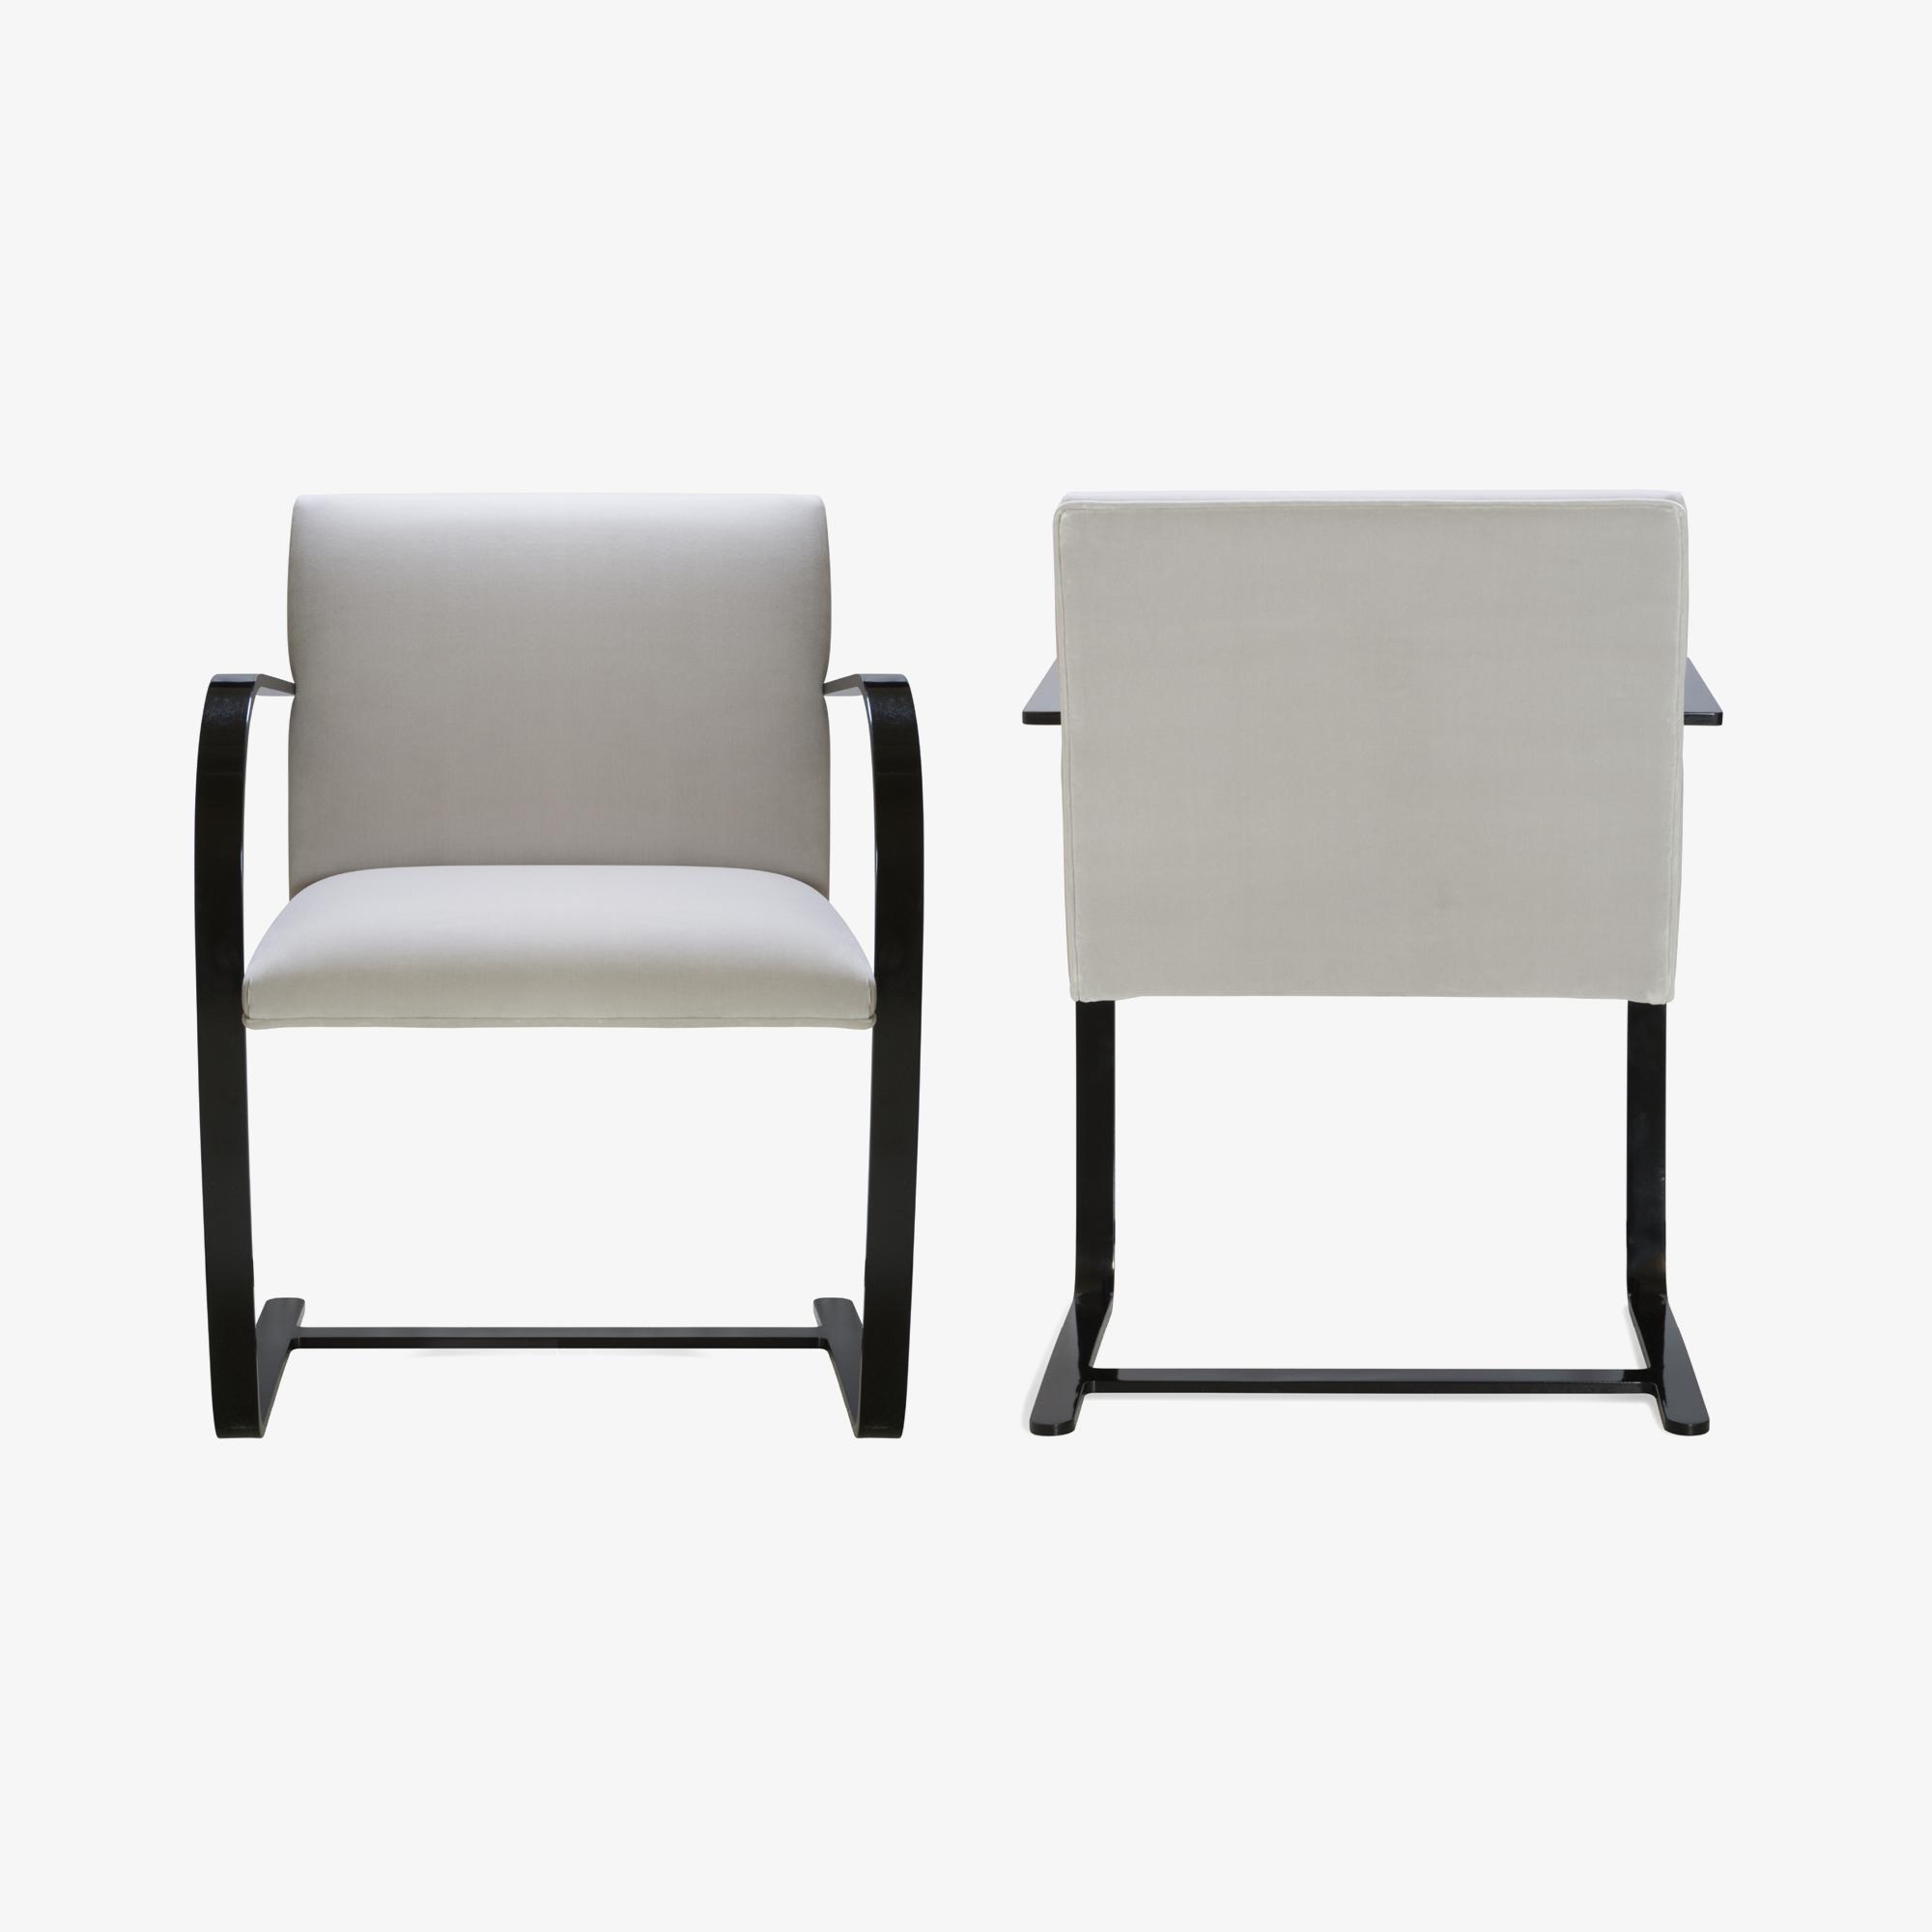 Brno Flat-Bar Chair in Dove Velvet, Obsidian Gloss3.png